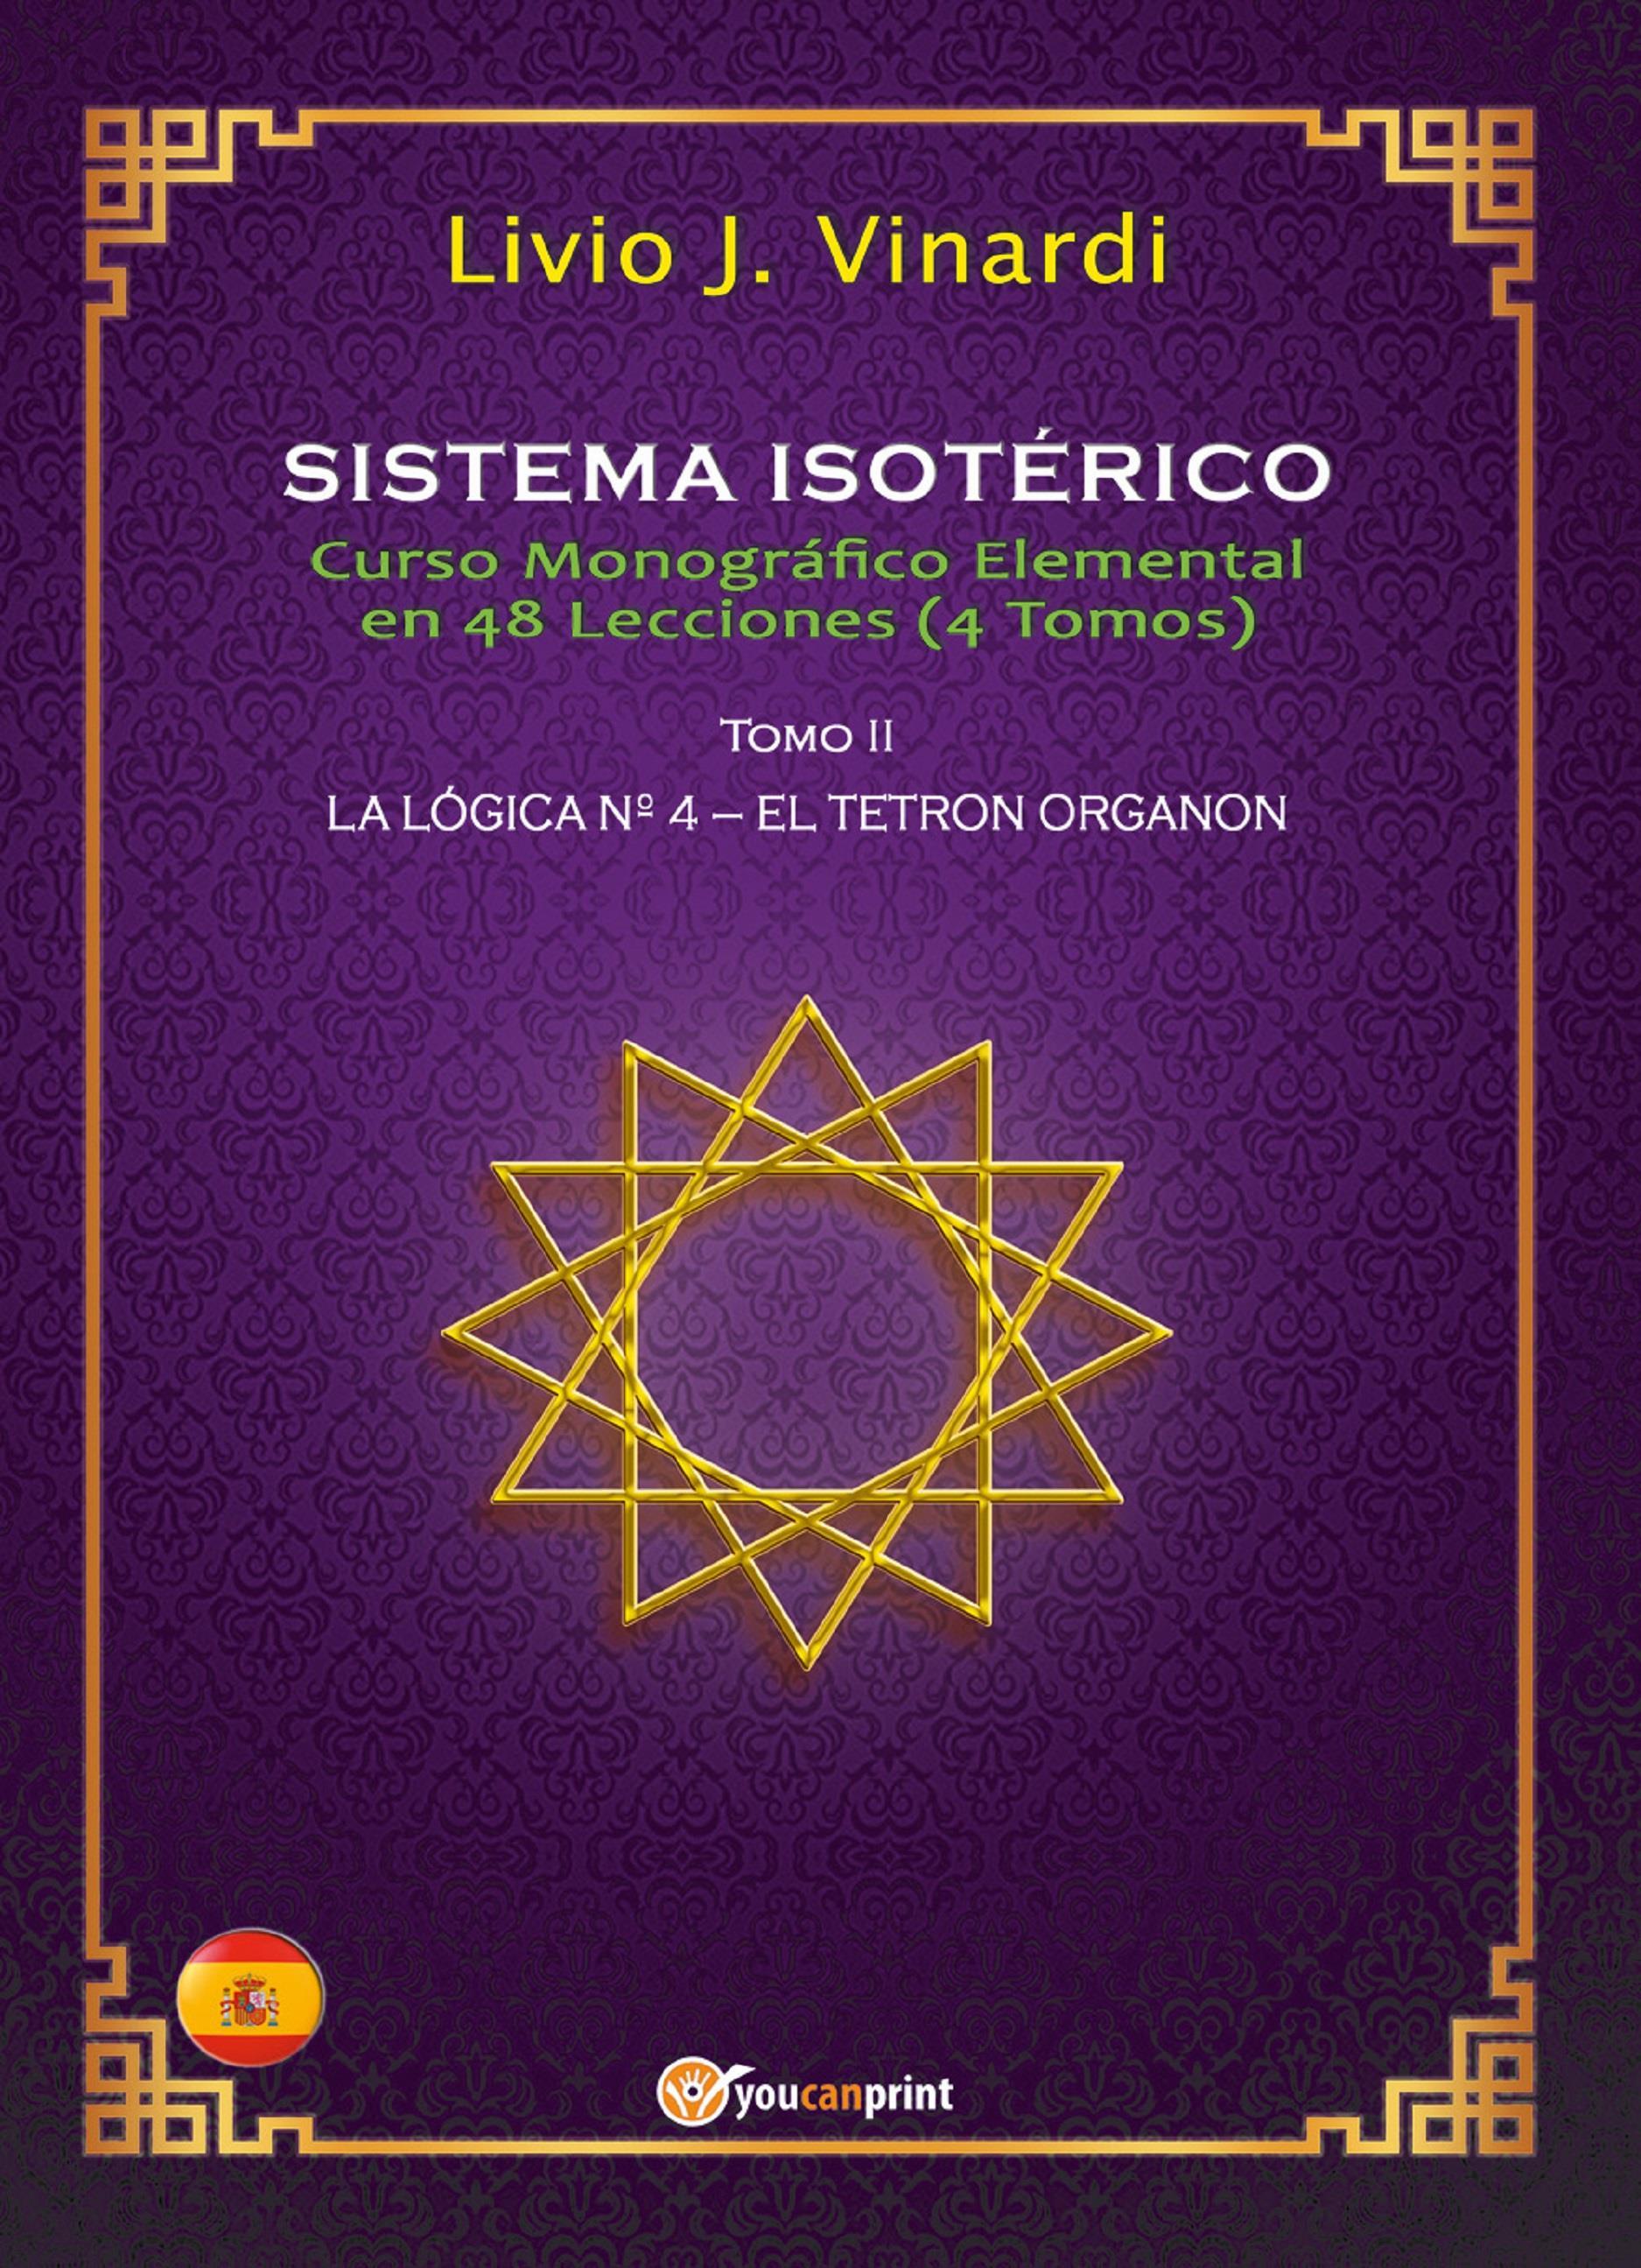 SISTEMA ISOTÉRICO – Curso Monográfico Elemental en 48 Lecciones – Tomo II (EN ESPAÑOL)